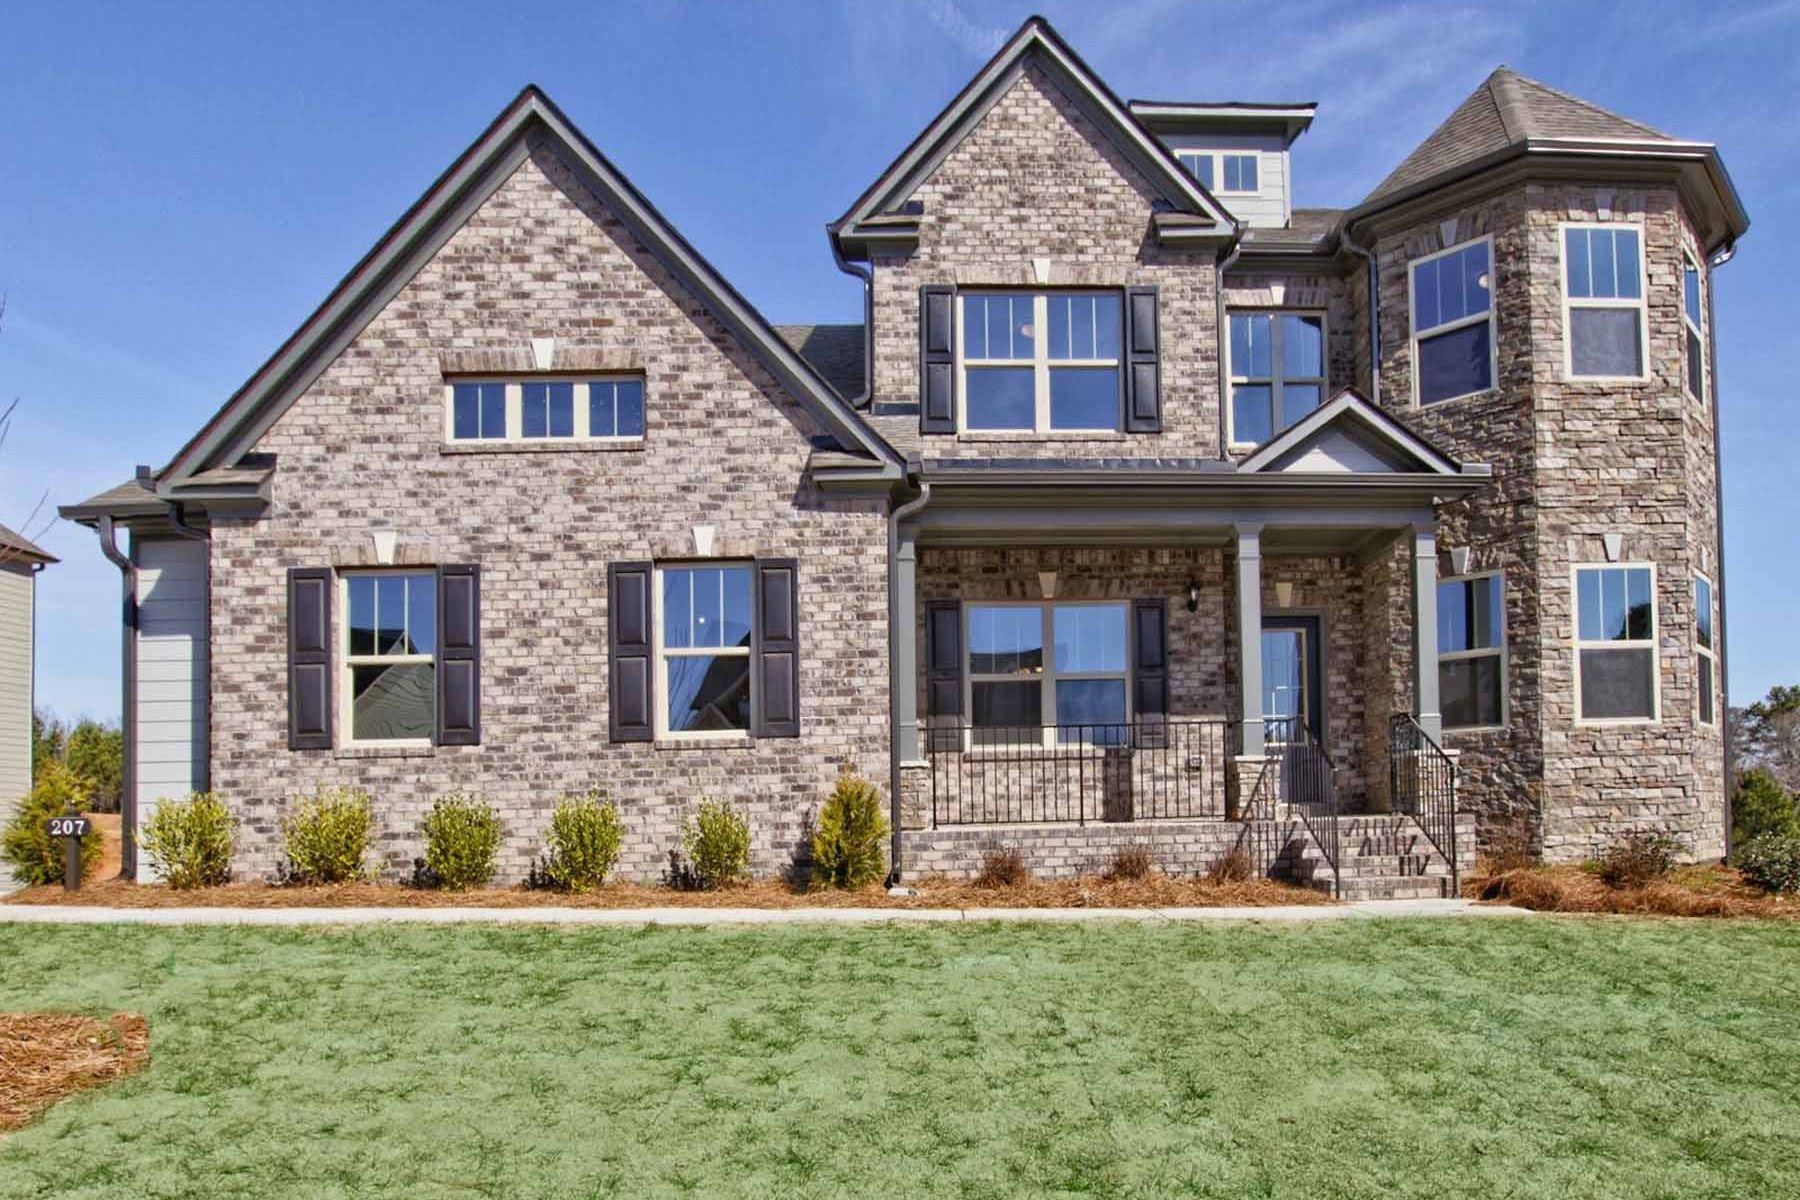 Частный односемейный дом для того Продажа на 100% Energy Star Certified New Construction 207 Wilde Oak Court Canton, Джорджия, 30115 Соединенные Штаты